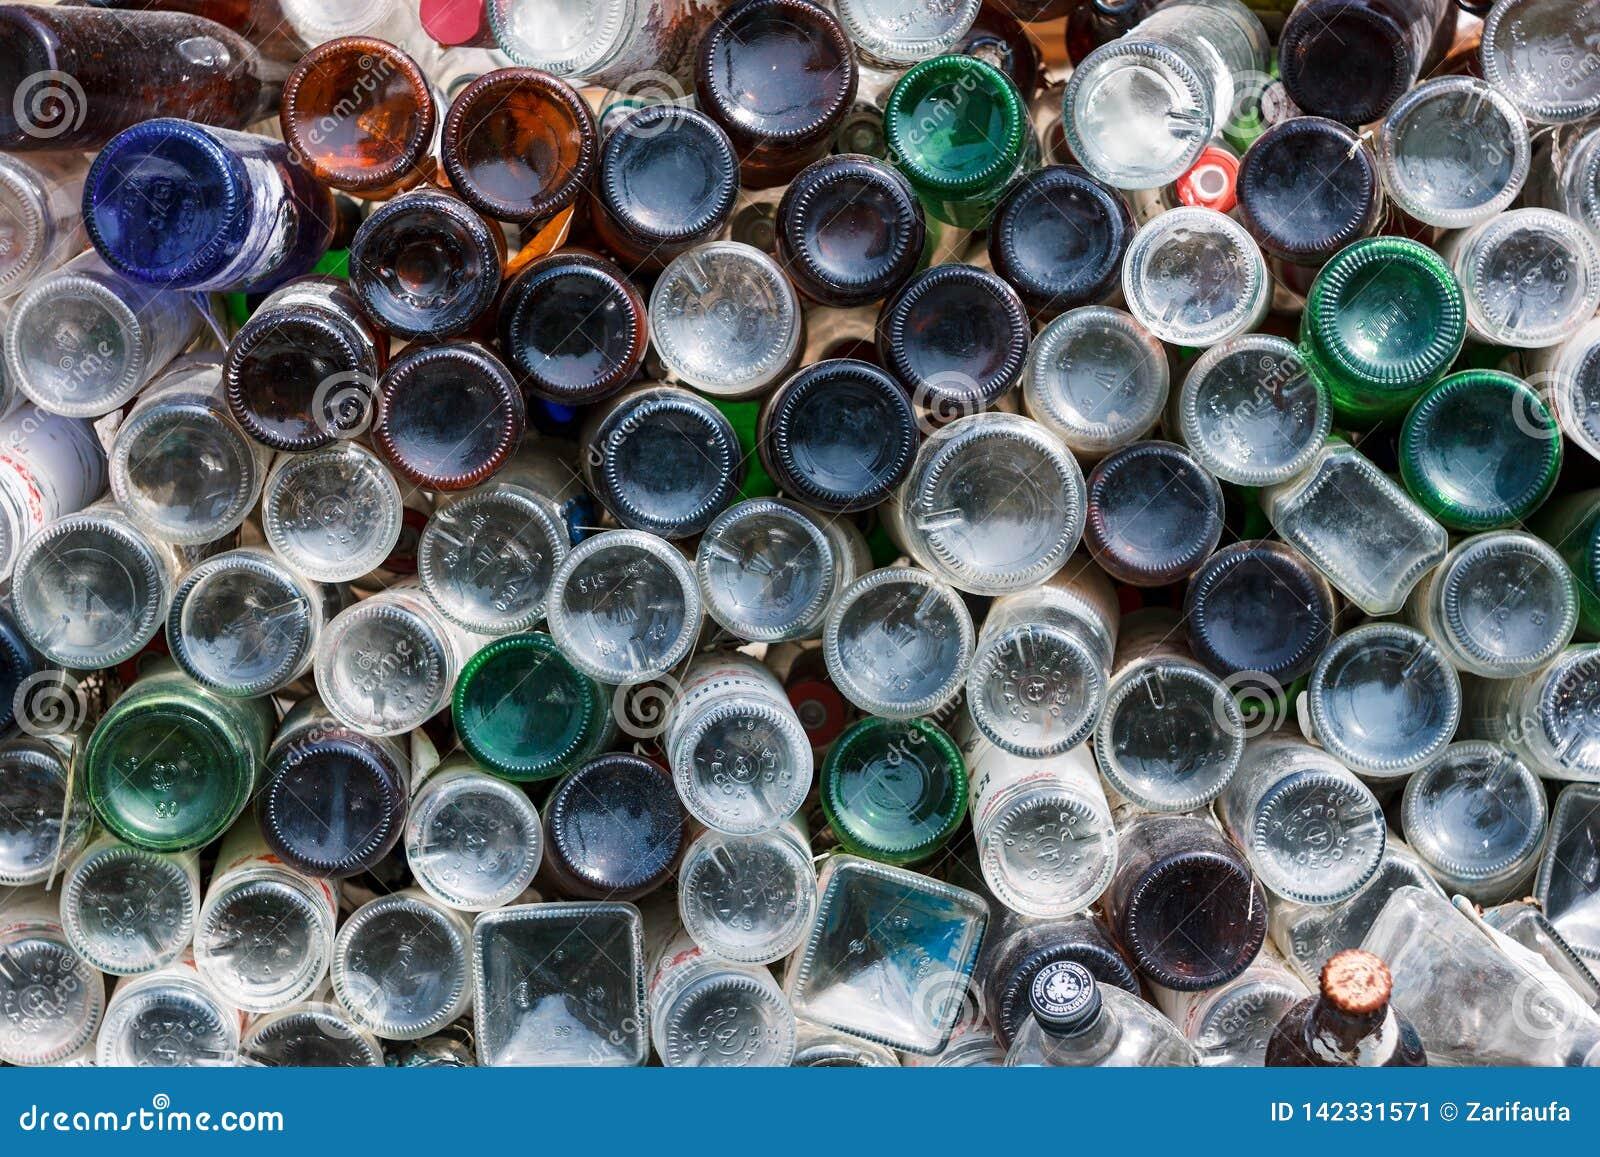 Oefa, Rusland - April 21, 2012: bodems van verschillende vuile glasflessen als muur achtergrondtextuur